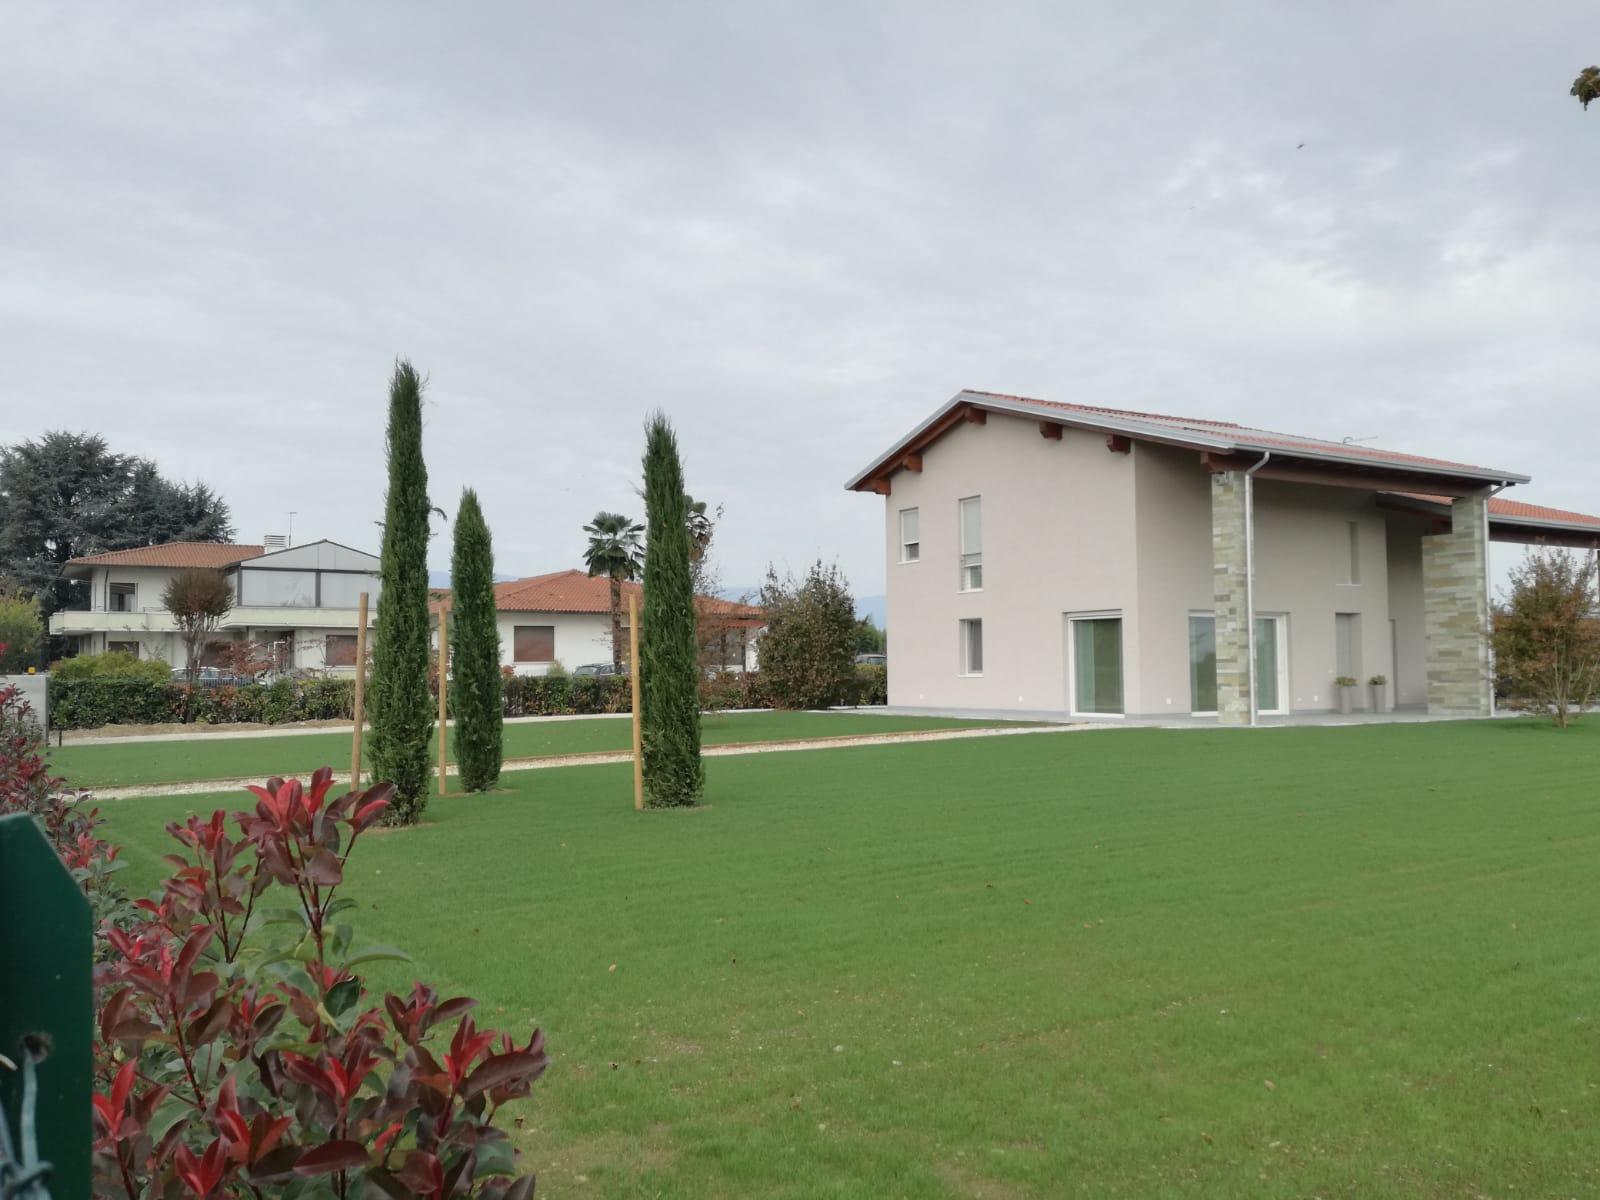 progettazione realizzazione giardini villaverla - verde blu giardini 9